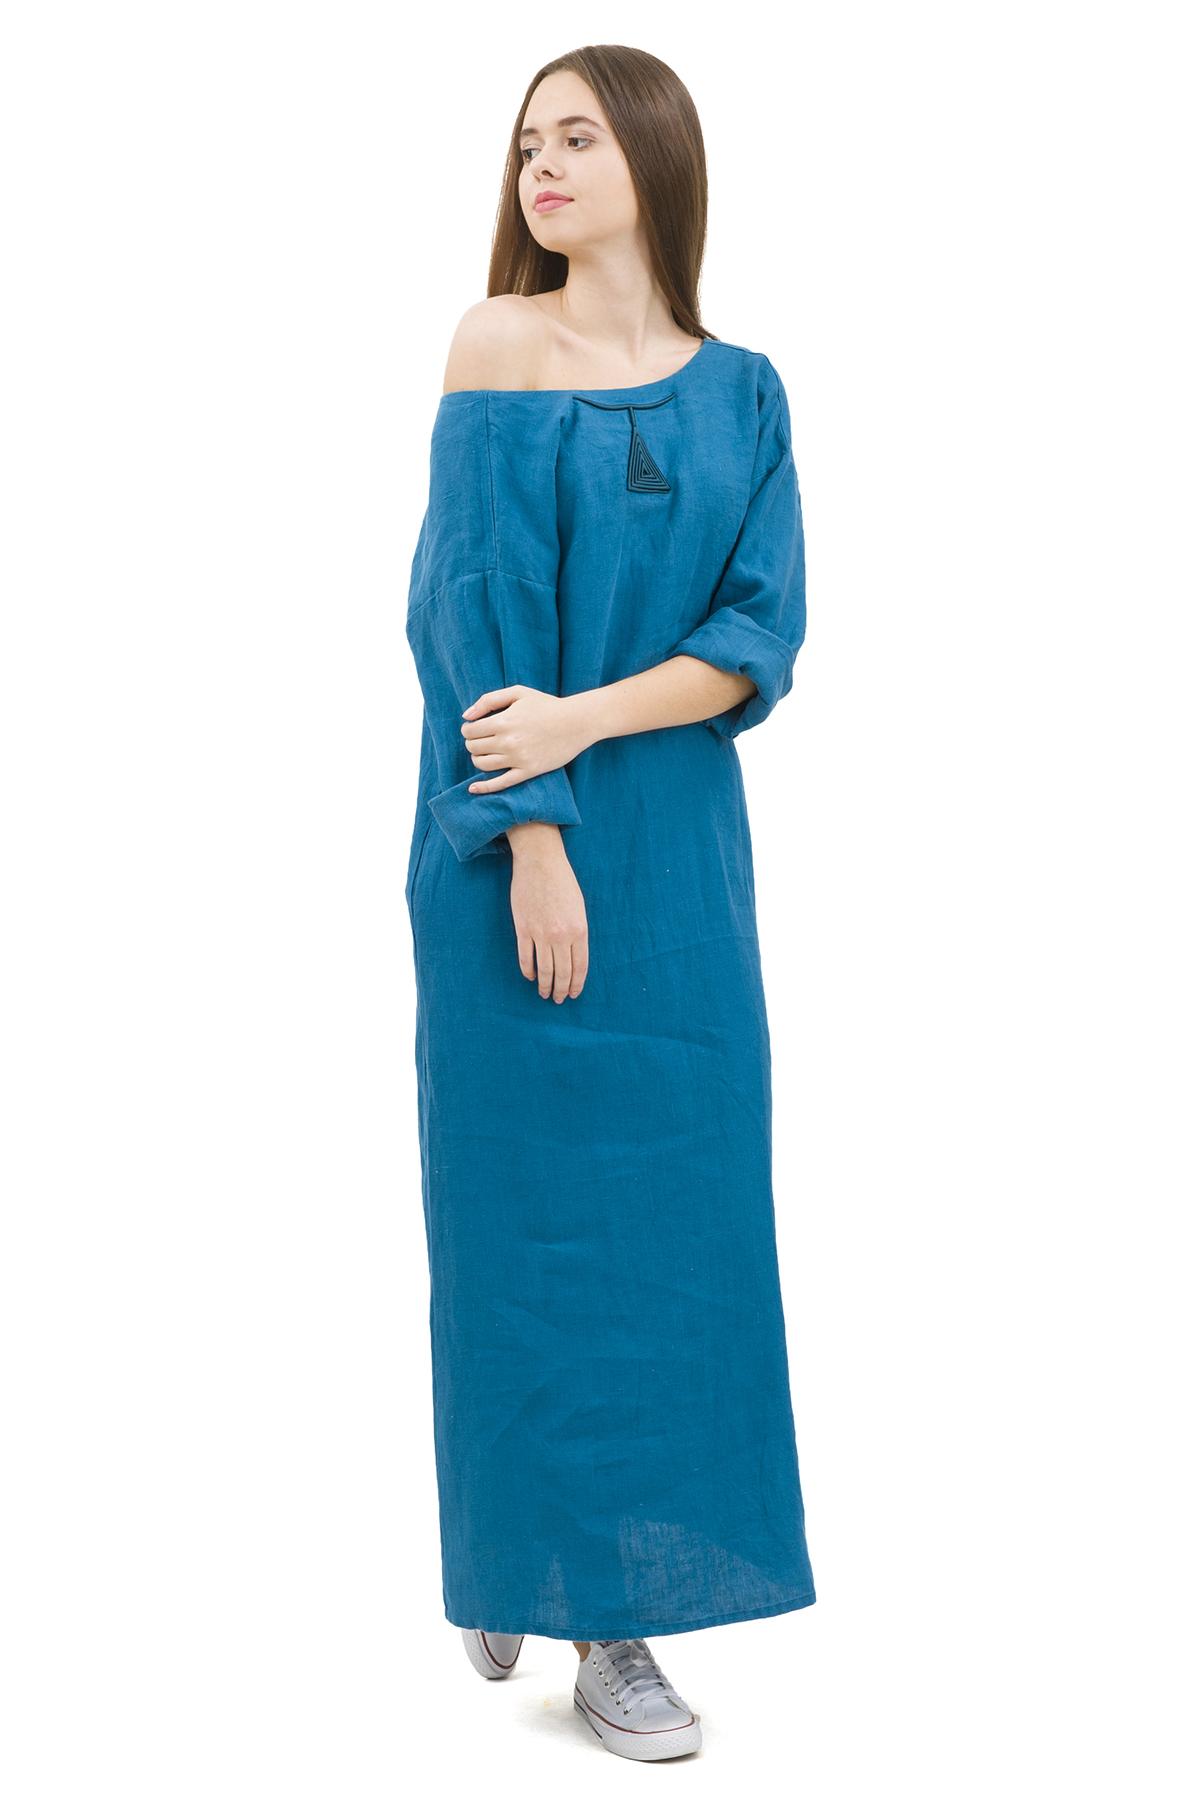 ПлатьеПлатья,  сарафаны<br>Стильное платье выполнено из натуральной ткани - льна. Данная модель удачно подчеркнет красоту Вашей фигуры, а яркая расцветка  не оставит Вас незамеченной.<br><br>Цвет: бирюзовый<br>Состав: 100% лен<br>Размер: 42,44,46,48,50,52,54,56<br>Страна дизайна: Россия<br>Страна производства: Россия